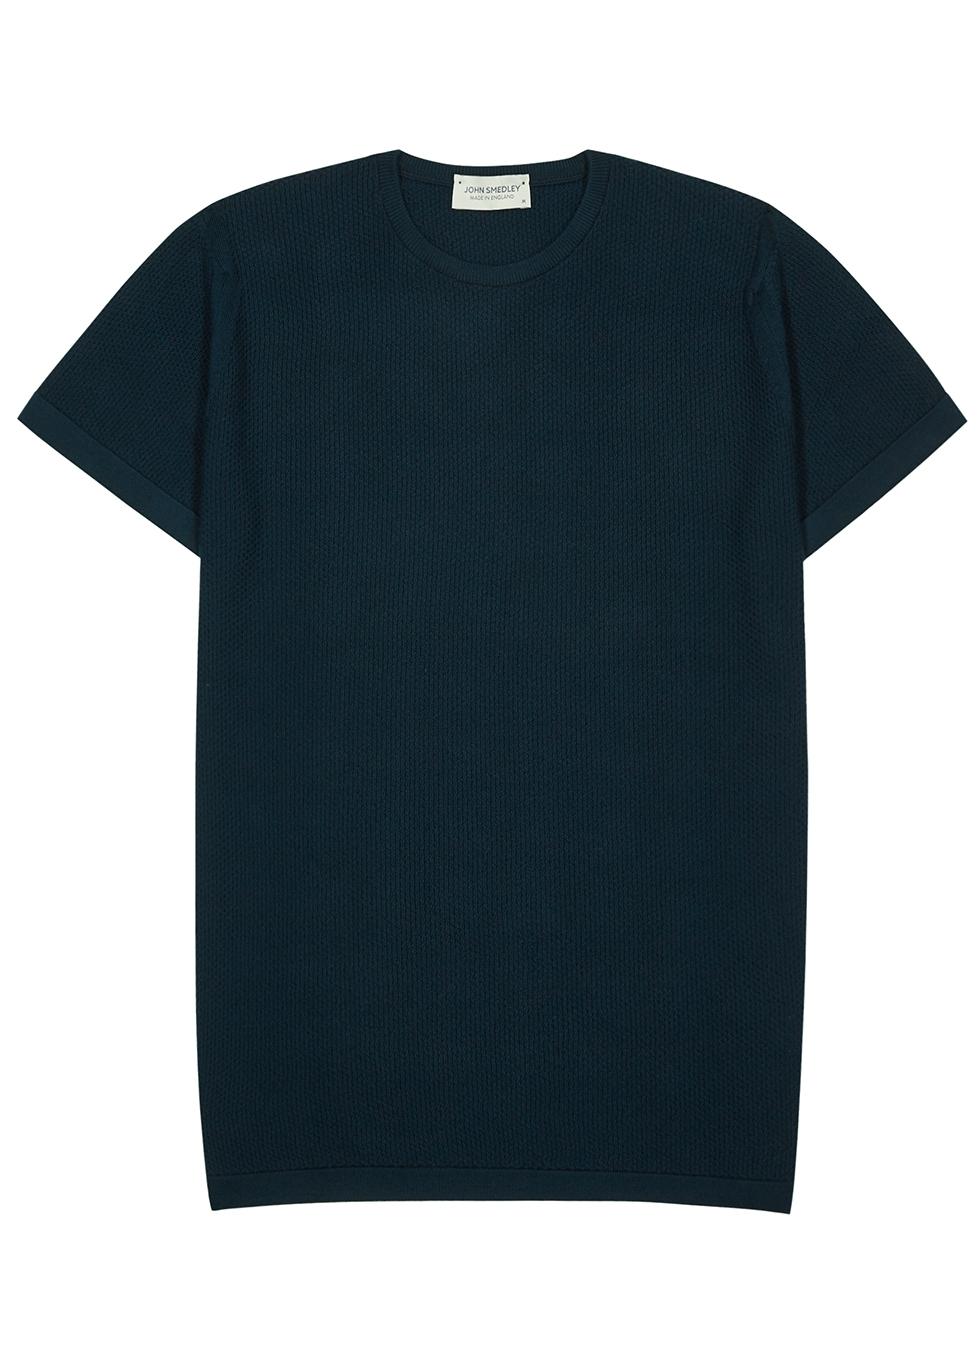 2.Singular teal textured-knit wool T-shirt